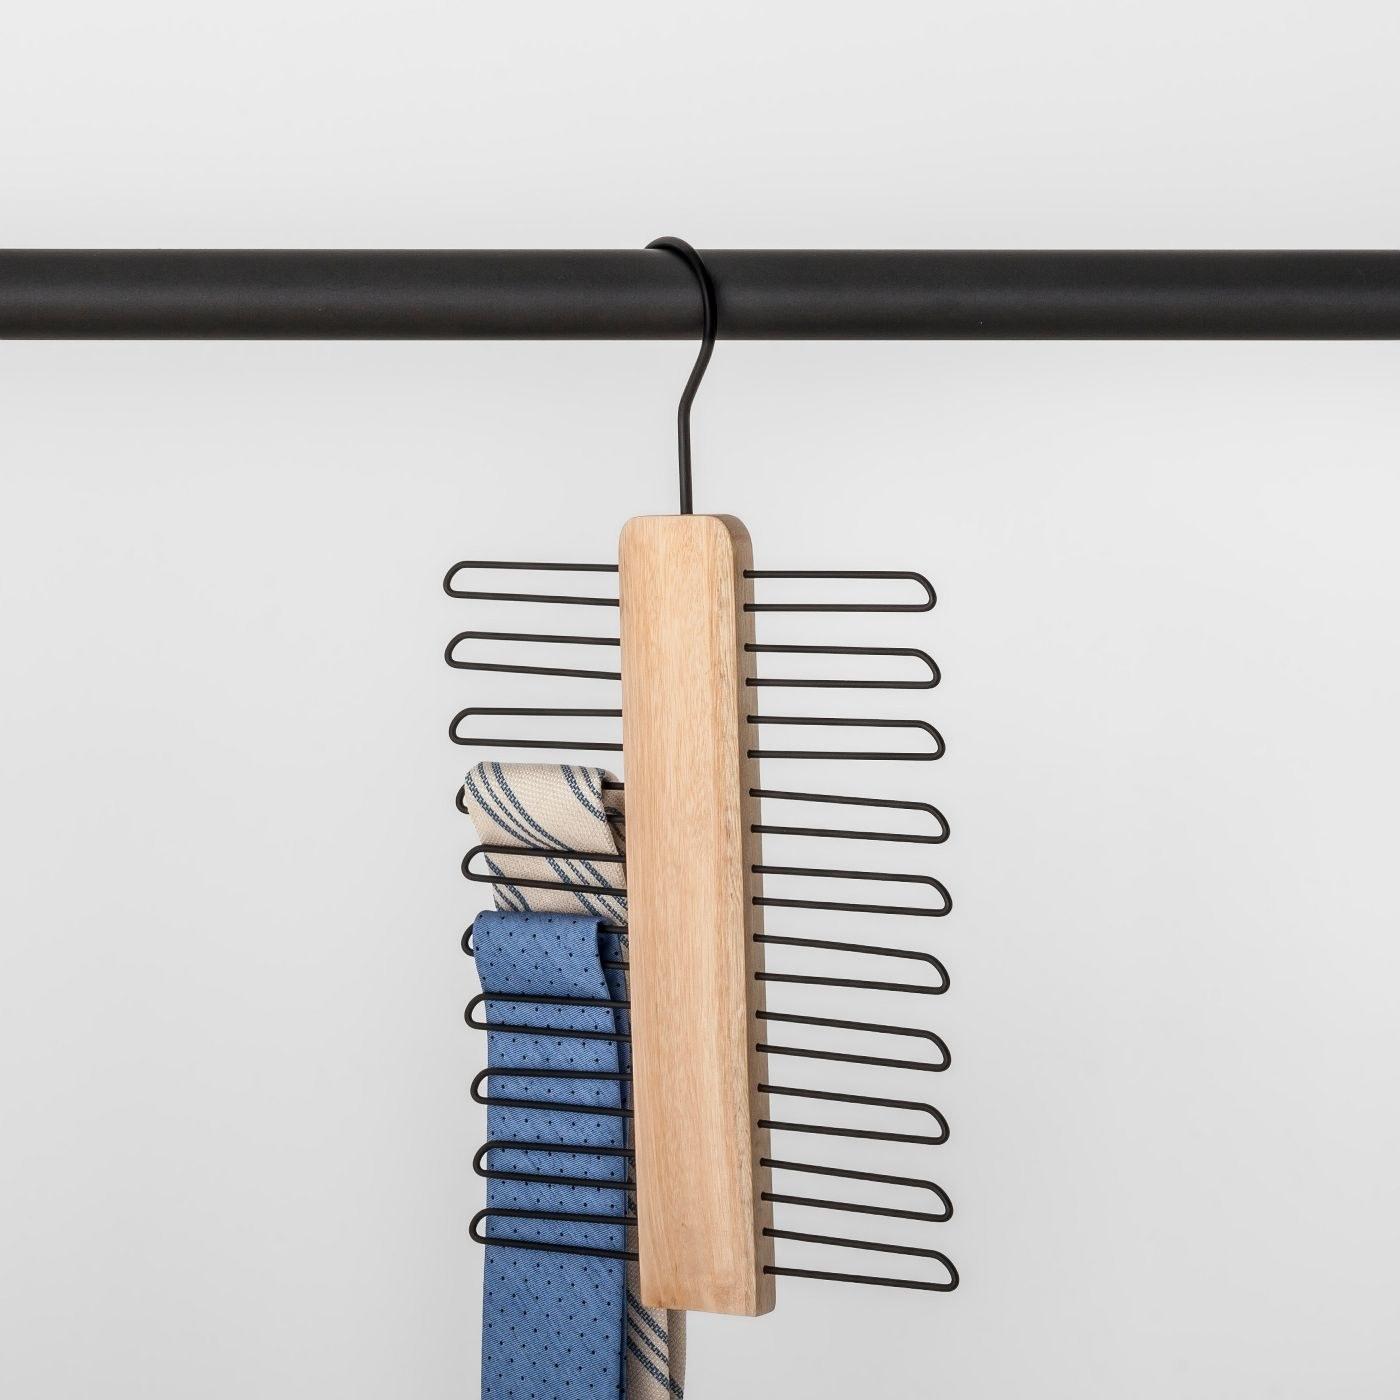 The tie hanger